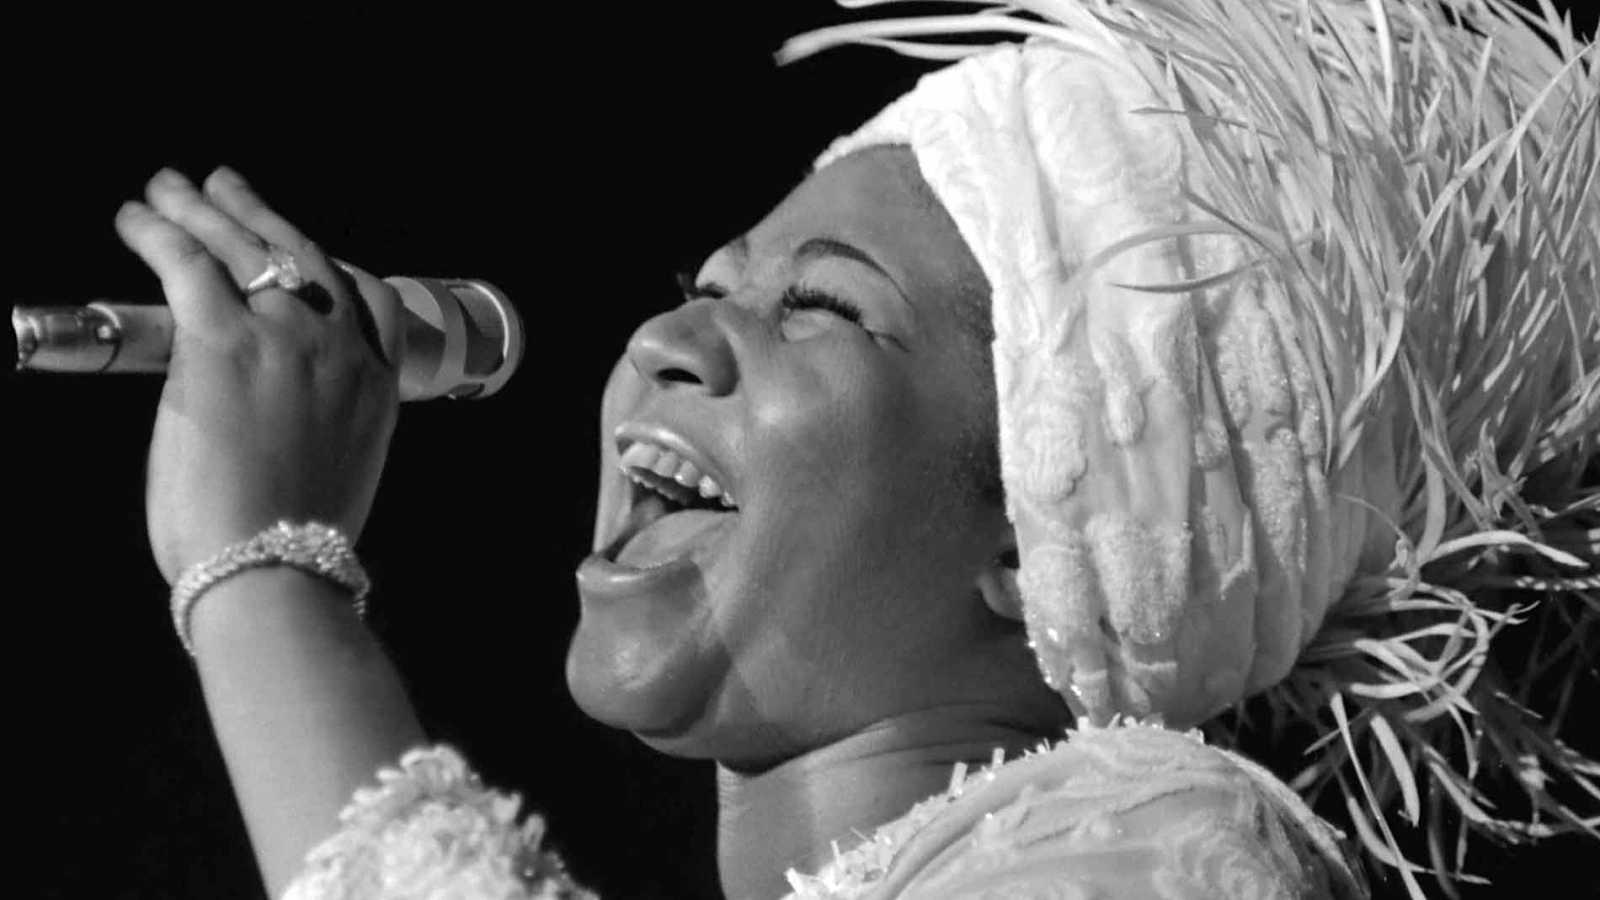 Aretha Franklin Un Referente En La Lucha Por Los Derechos Civiles Y La Liberación Femenina